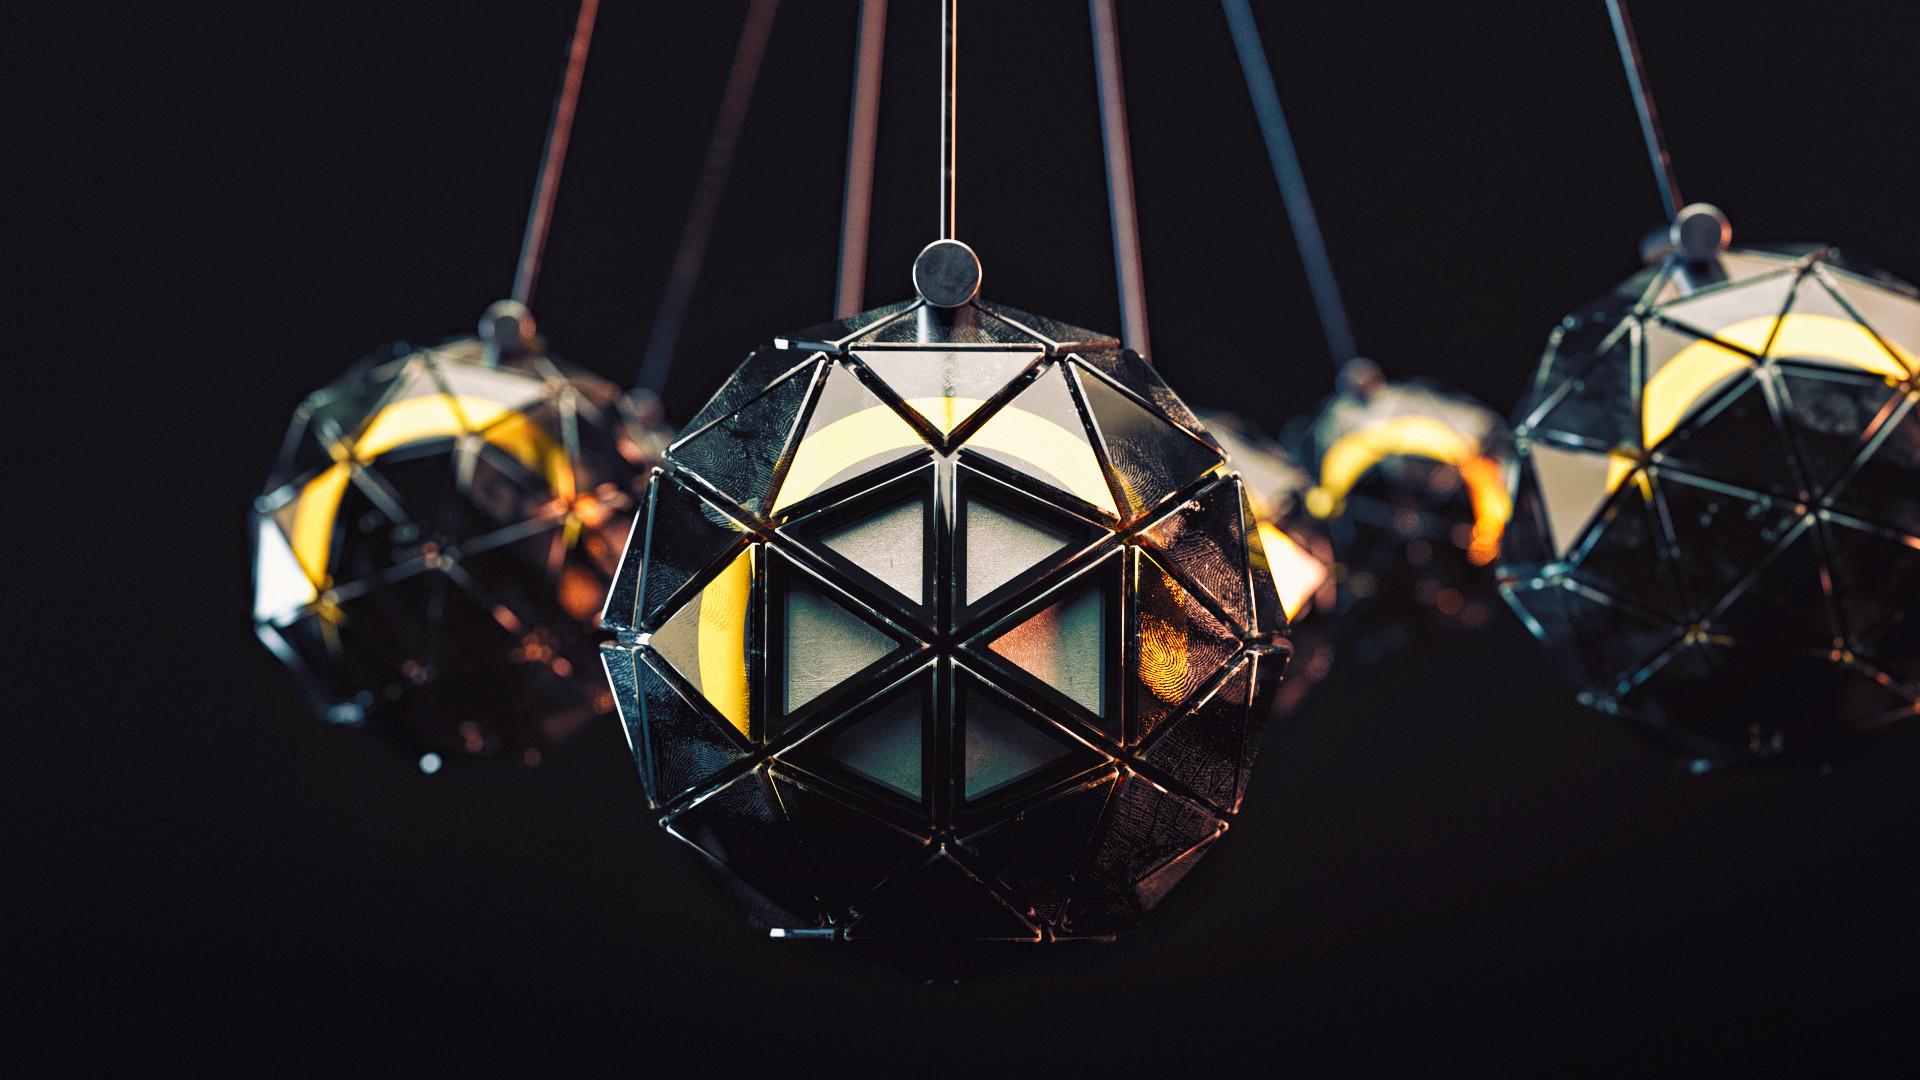 Wallpaper 3d Render Abstract Triangulate Ball Black